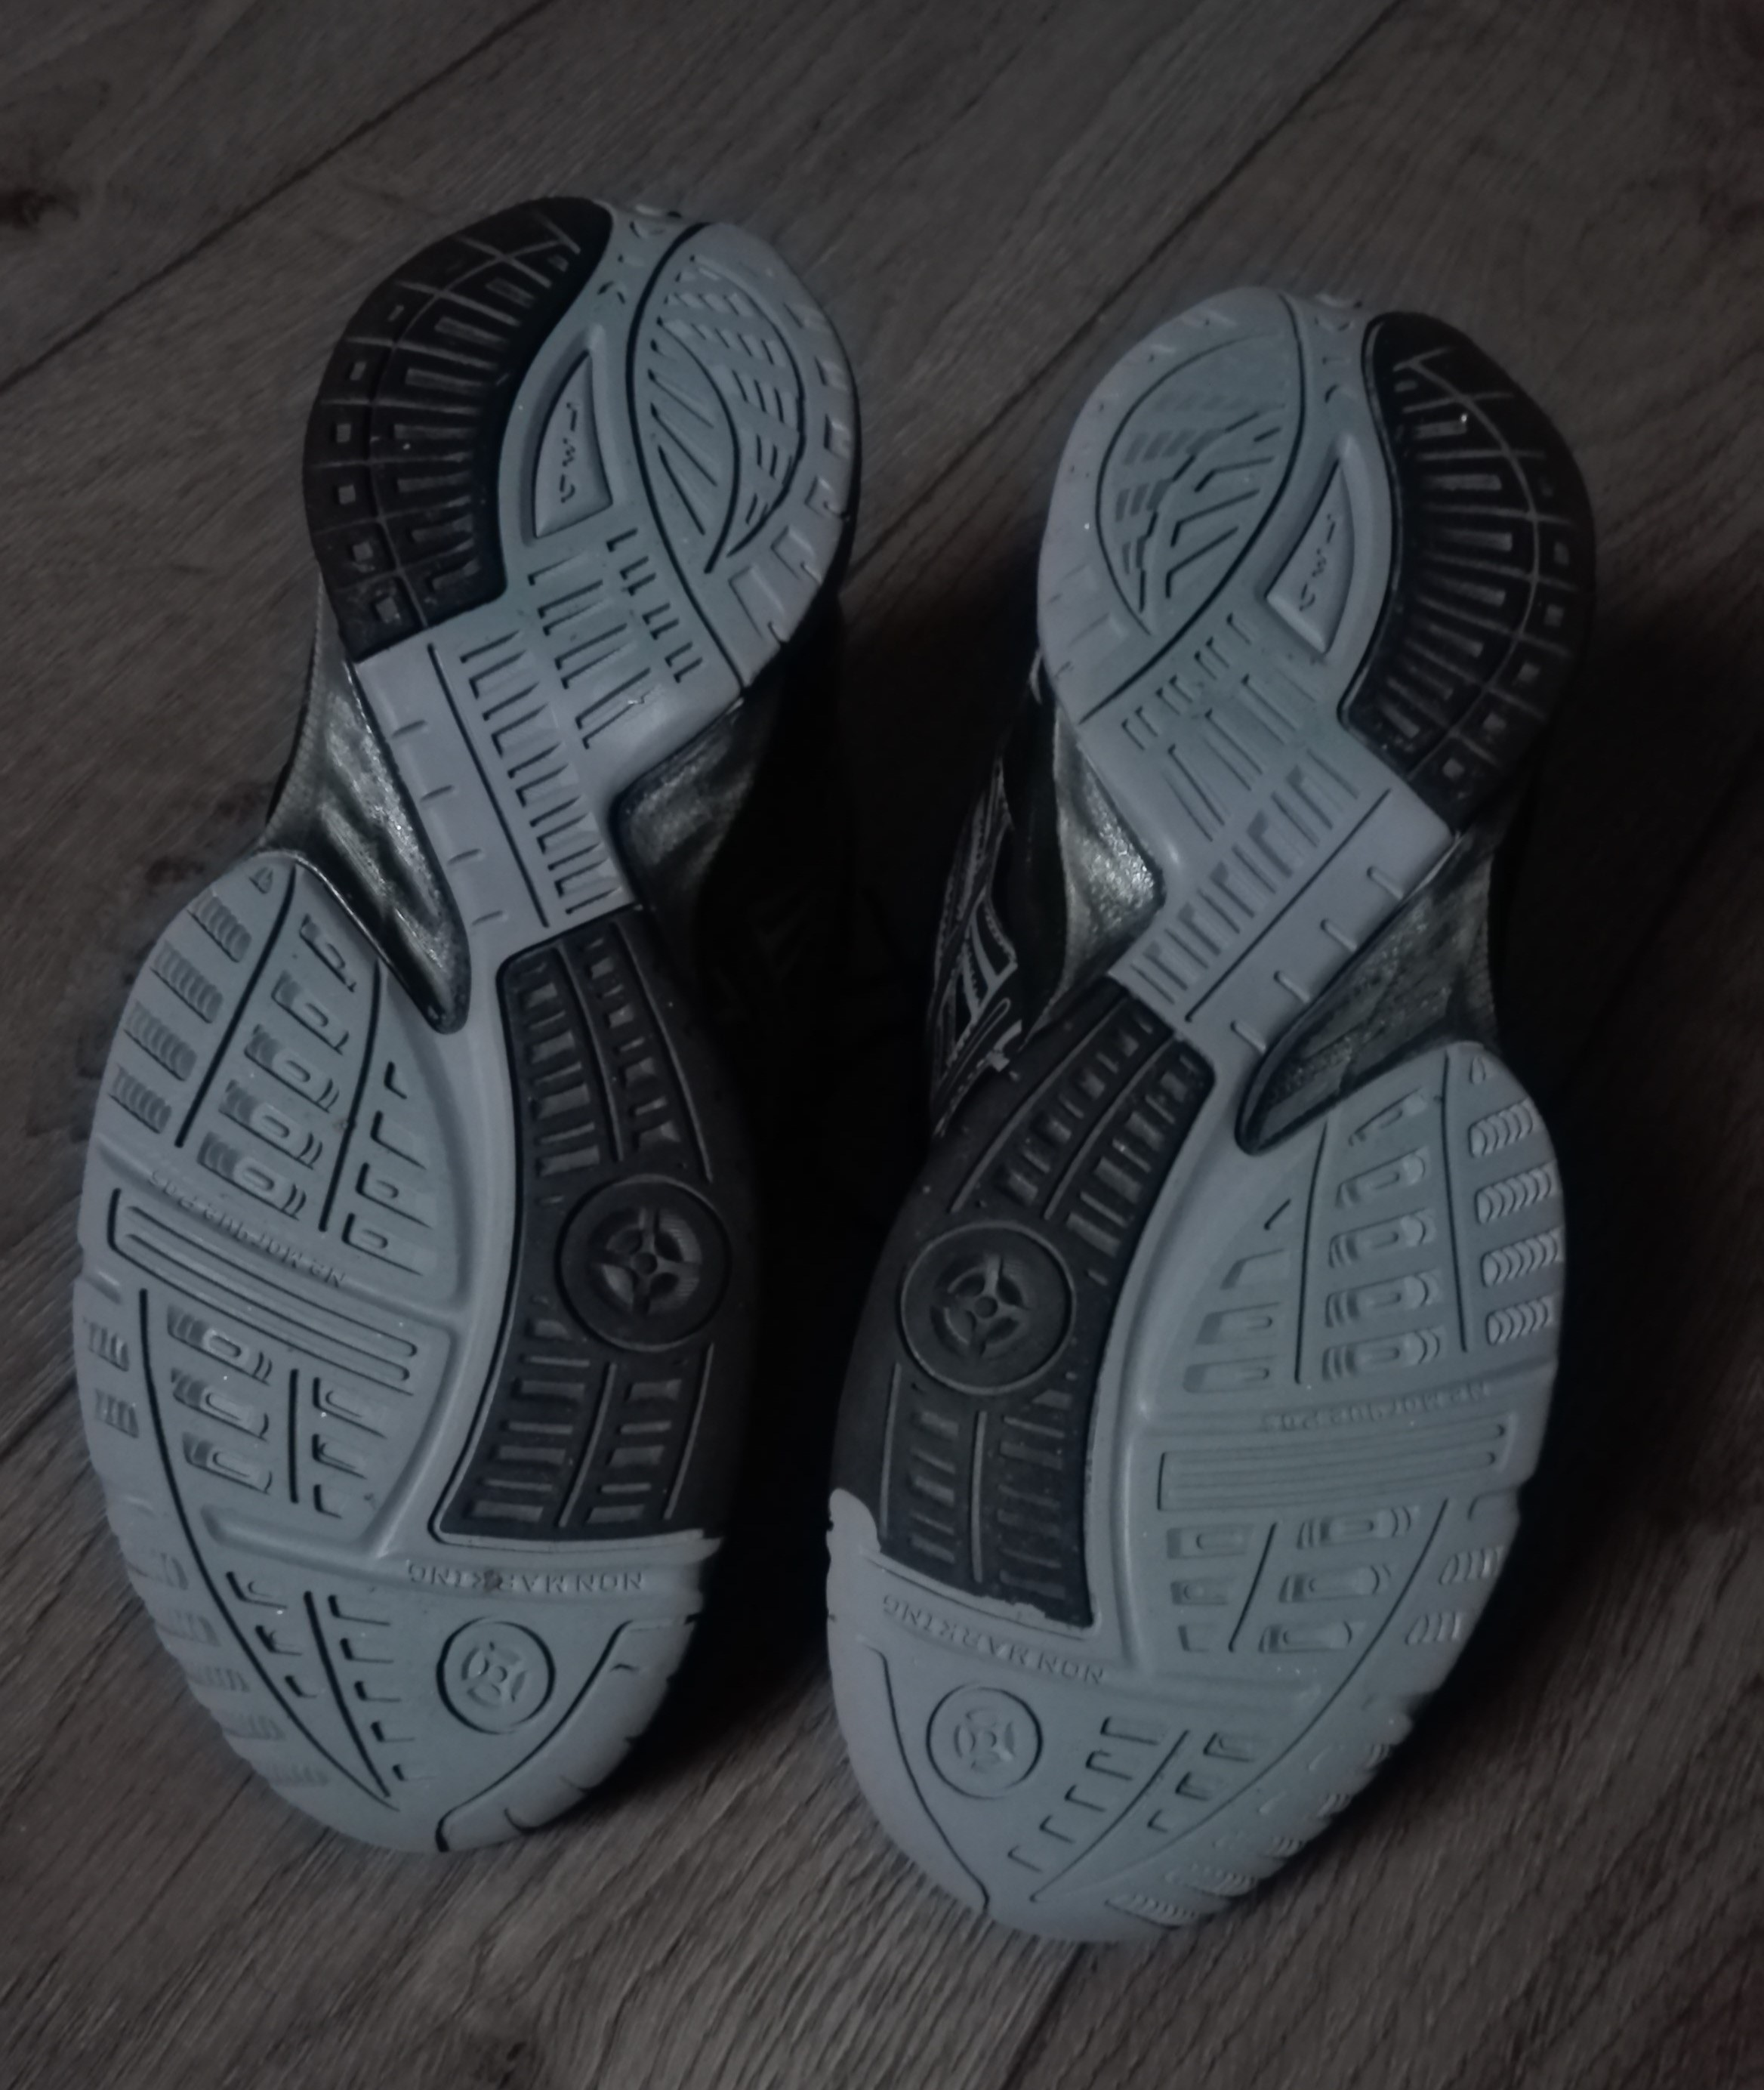 Kinderschoenen Maat 37.Schoenen Schoenen Marktplaats Marktplaats Maat 37 Schoenen Maat 37